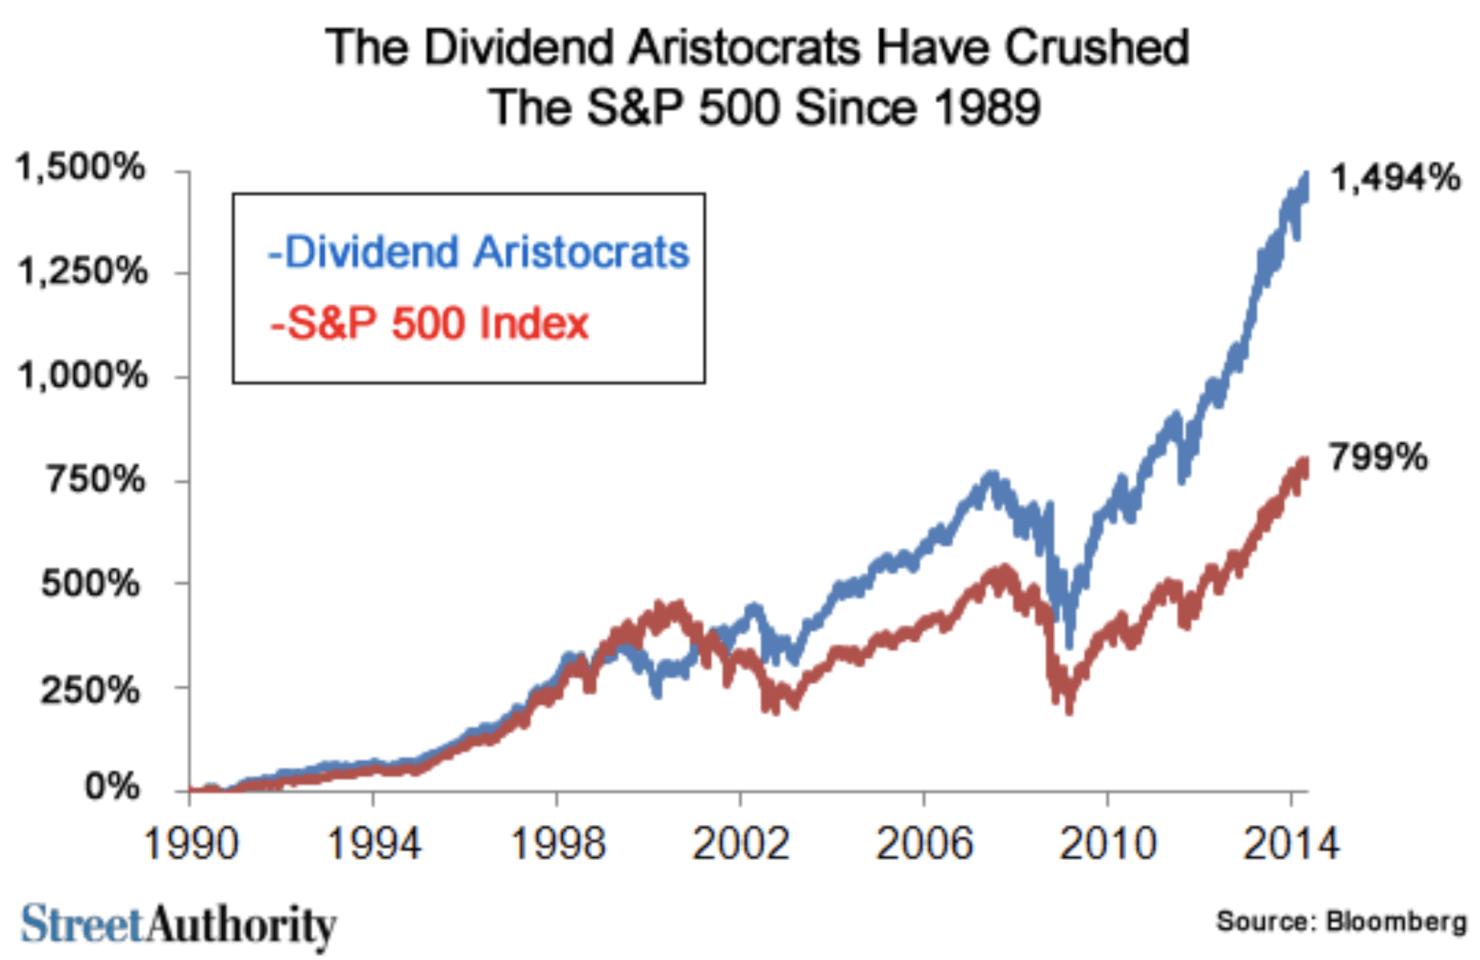 Performance des Dividend Aristocrats et le S&P500